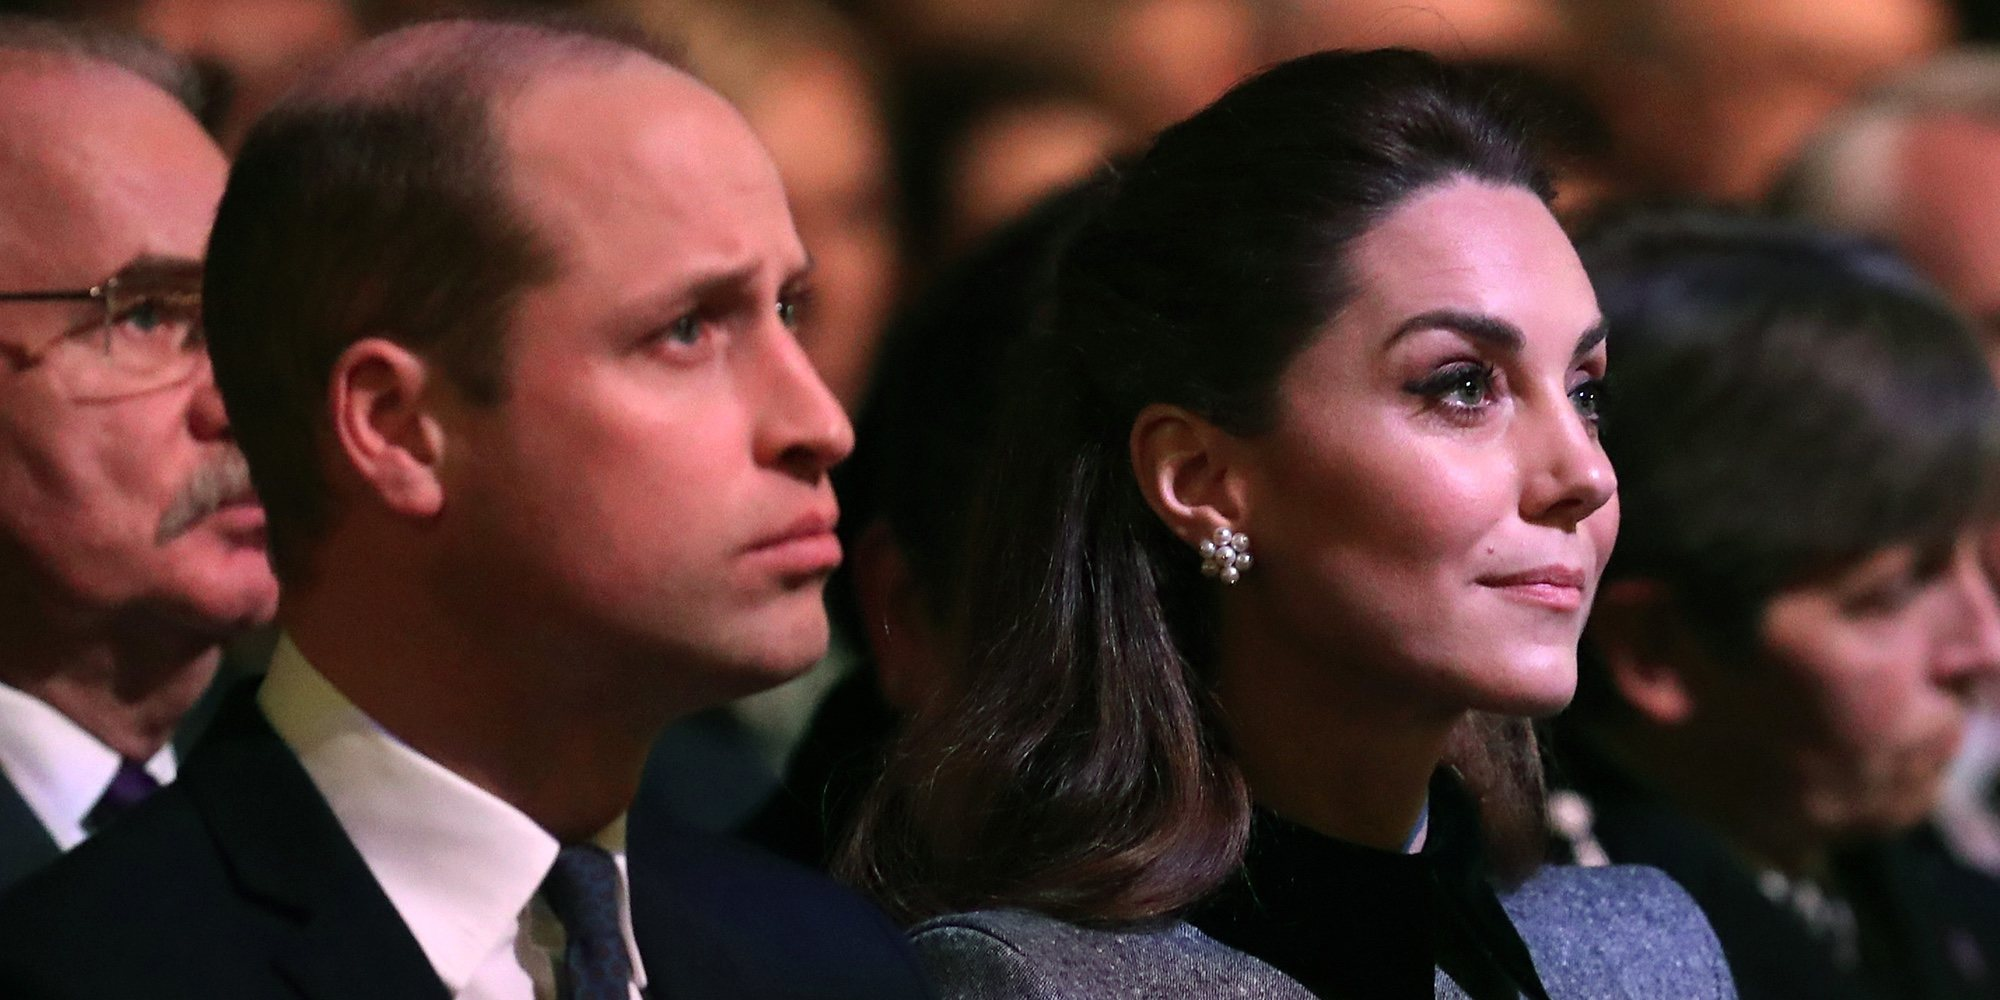 El homenaje del Príncipe Guillermo y Kate Middleton a la madre del Duque de Edimburgo en el Día del Holocausto